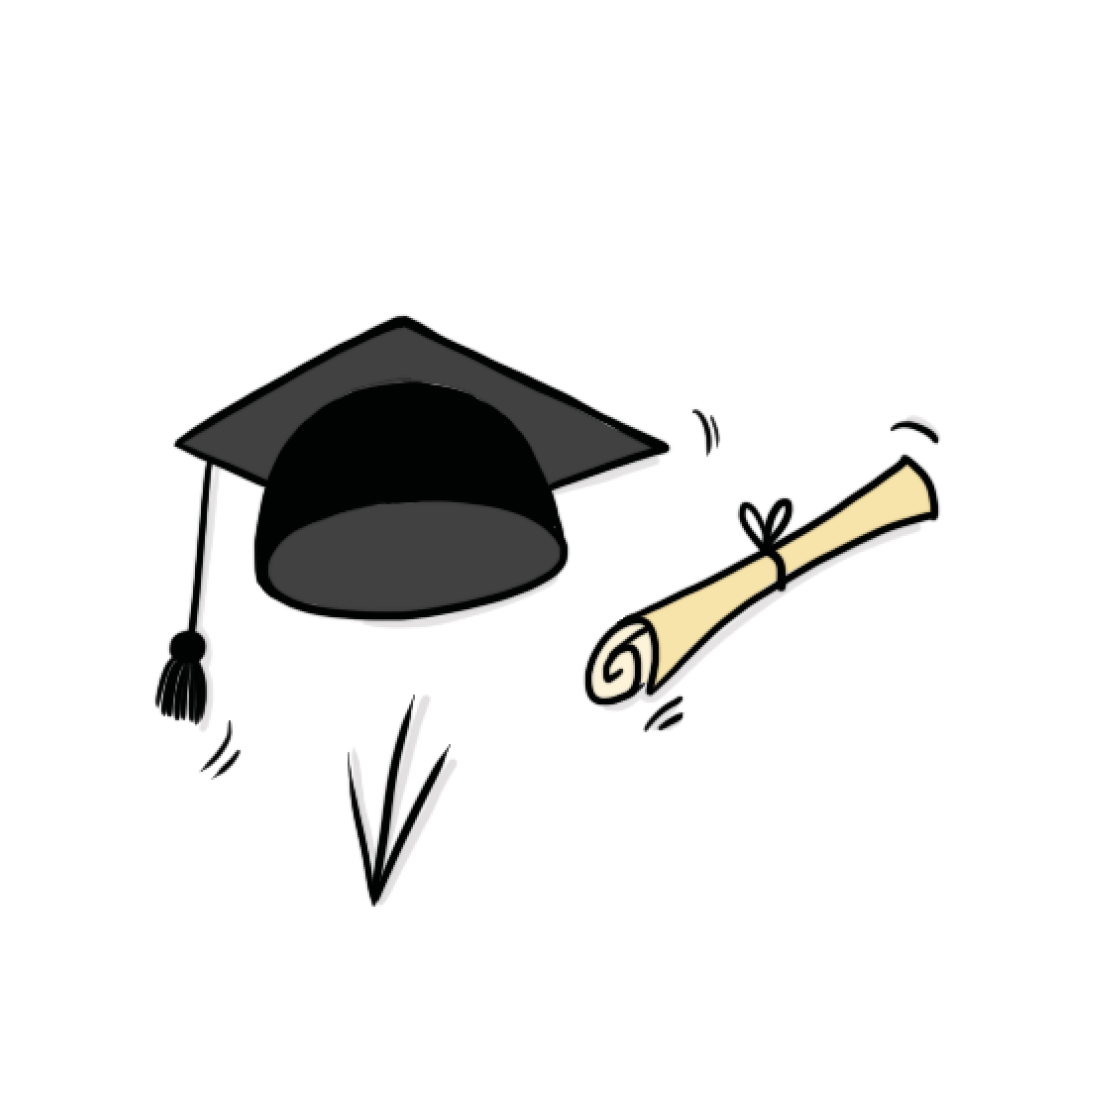 Bewerbung Studium Berufseinstieg Ausbildung